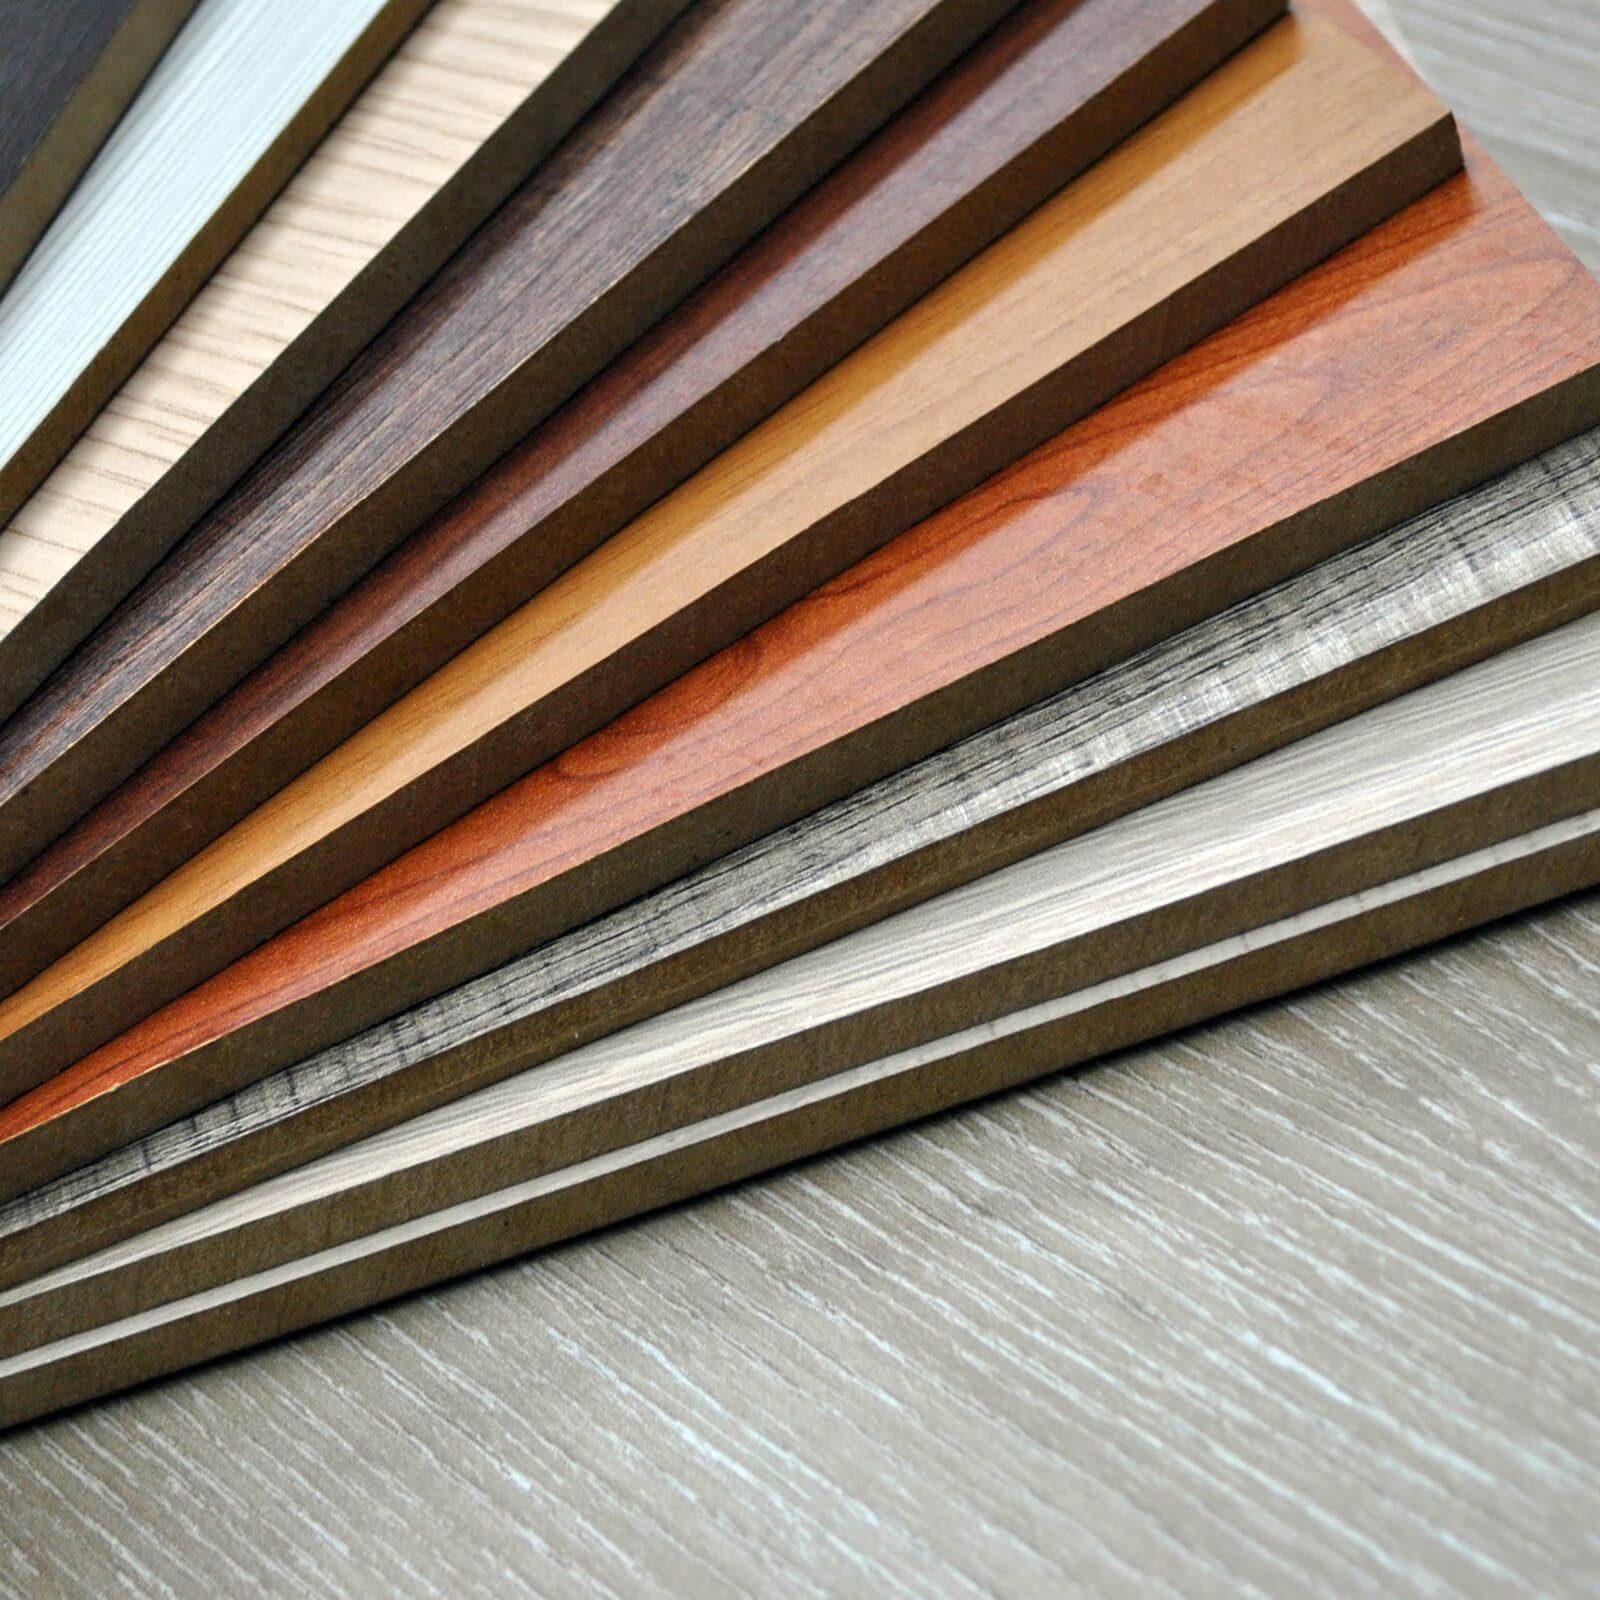 Laminate faqs | Vic's Carpet & Flooring